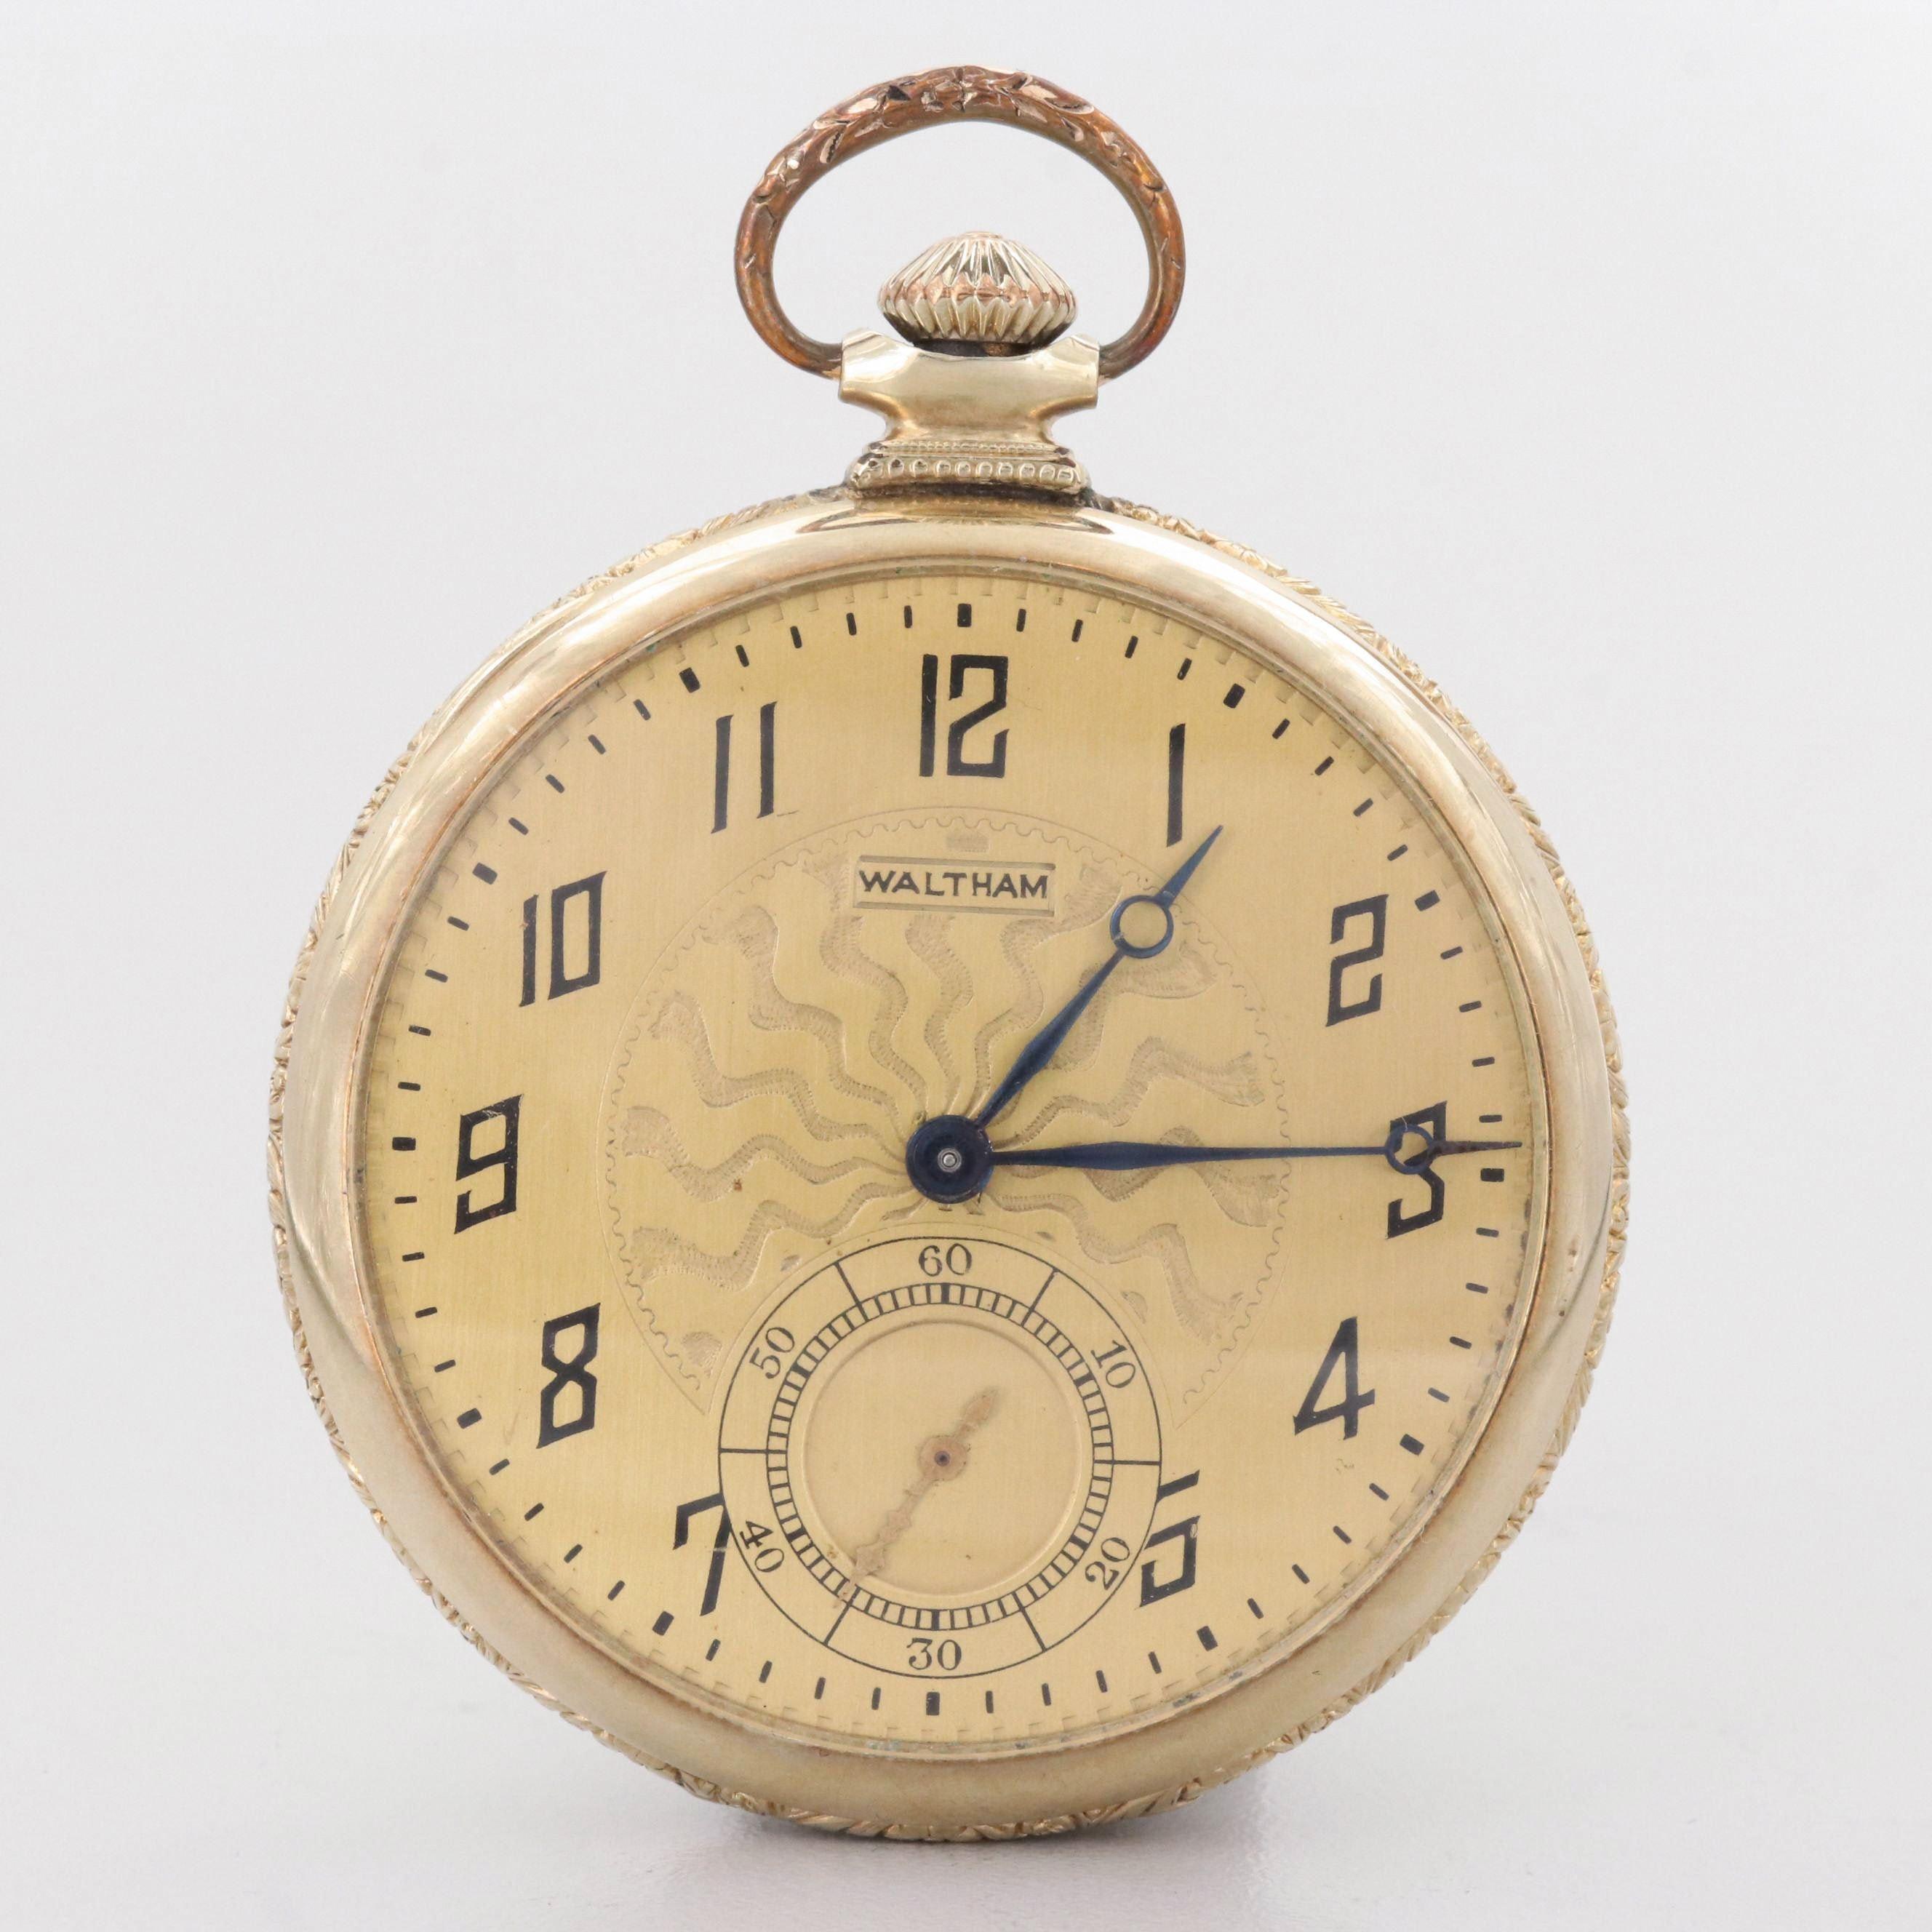 Vintage Waltham Gold Filled Pocket Watch, 1920